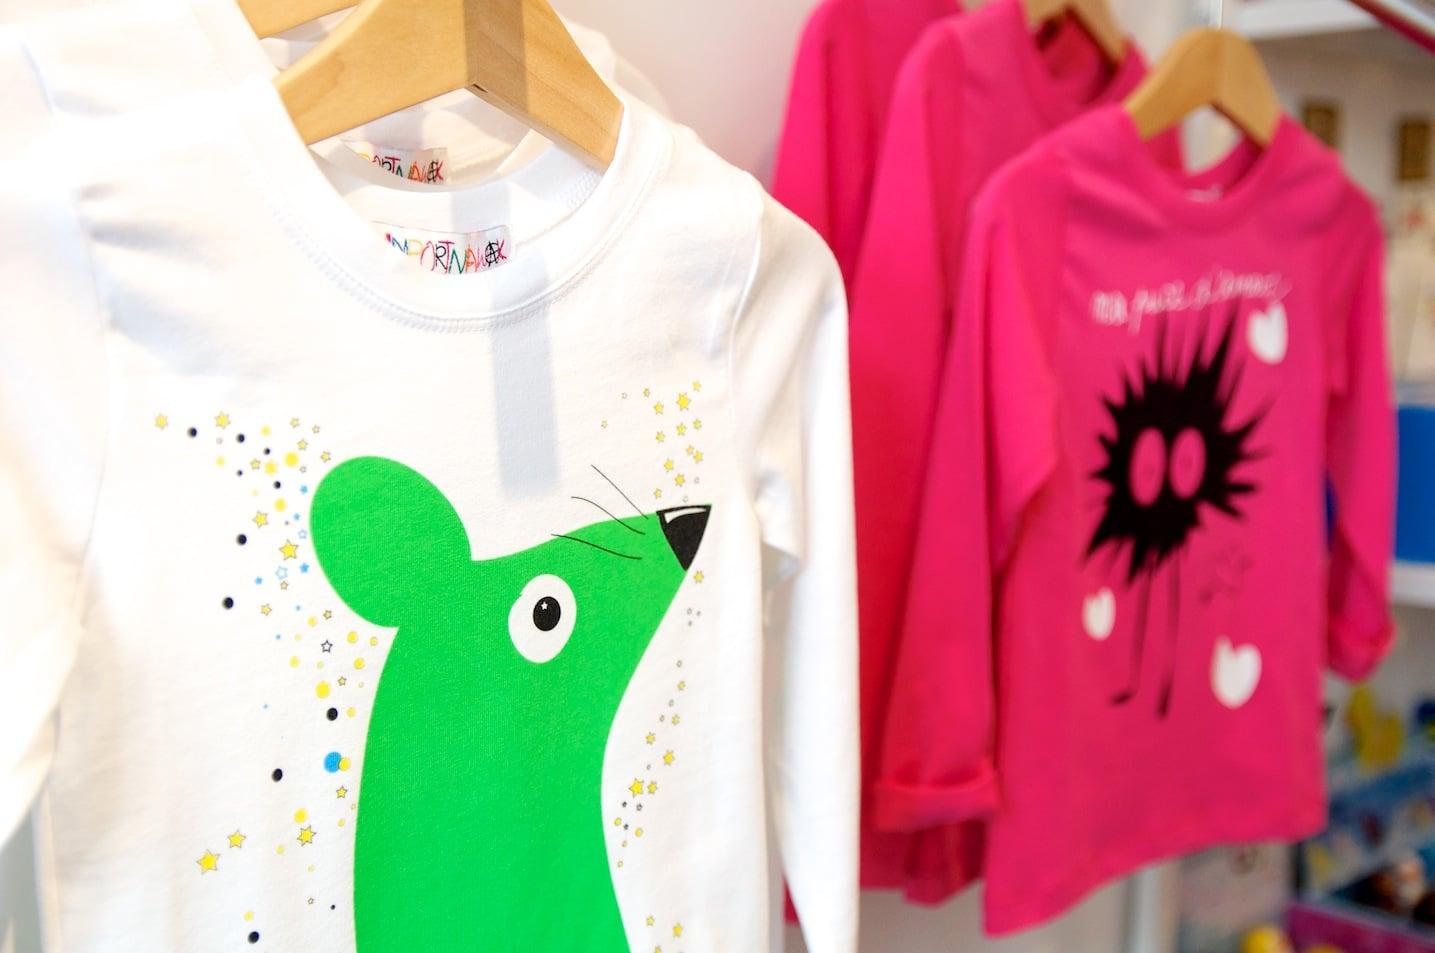 Nimporte Nawak, concept-store pour enfants à Saint Germain-en-Laye